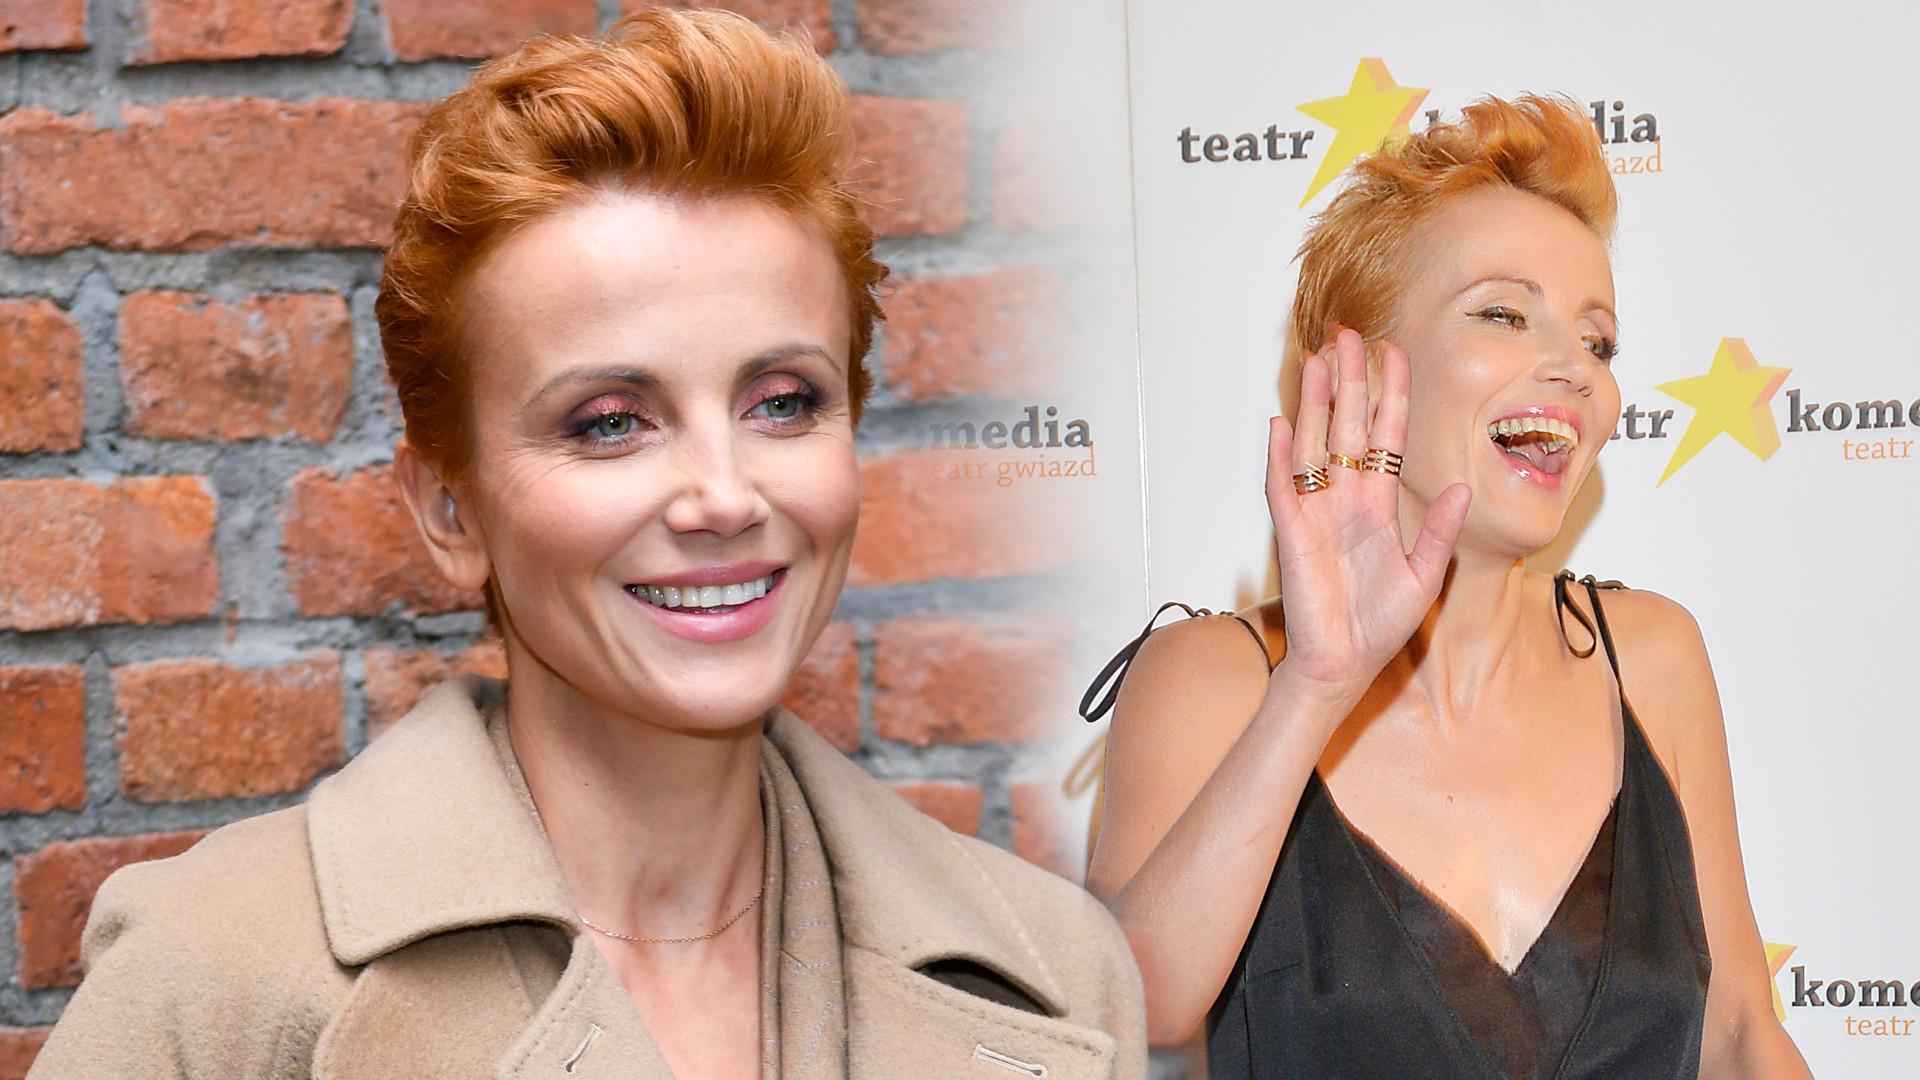 Katarzyna Zielińska jeszcze NIGDY nie miała takiej fryzury. Co za kolor włosów!